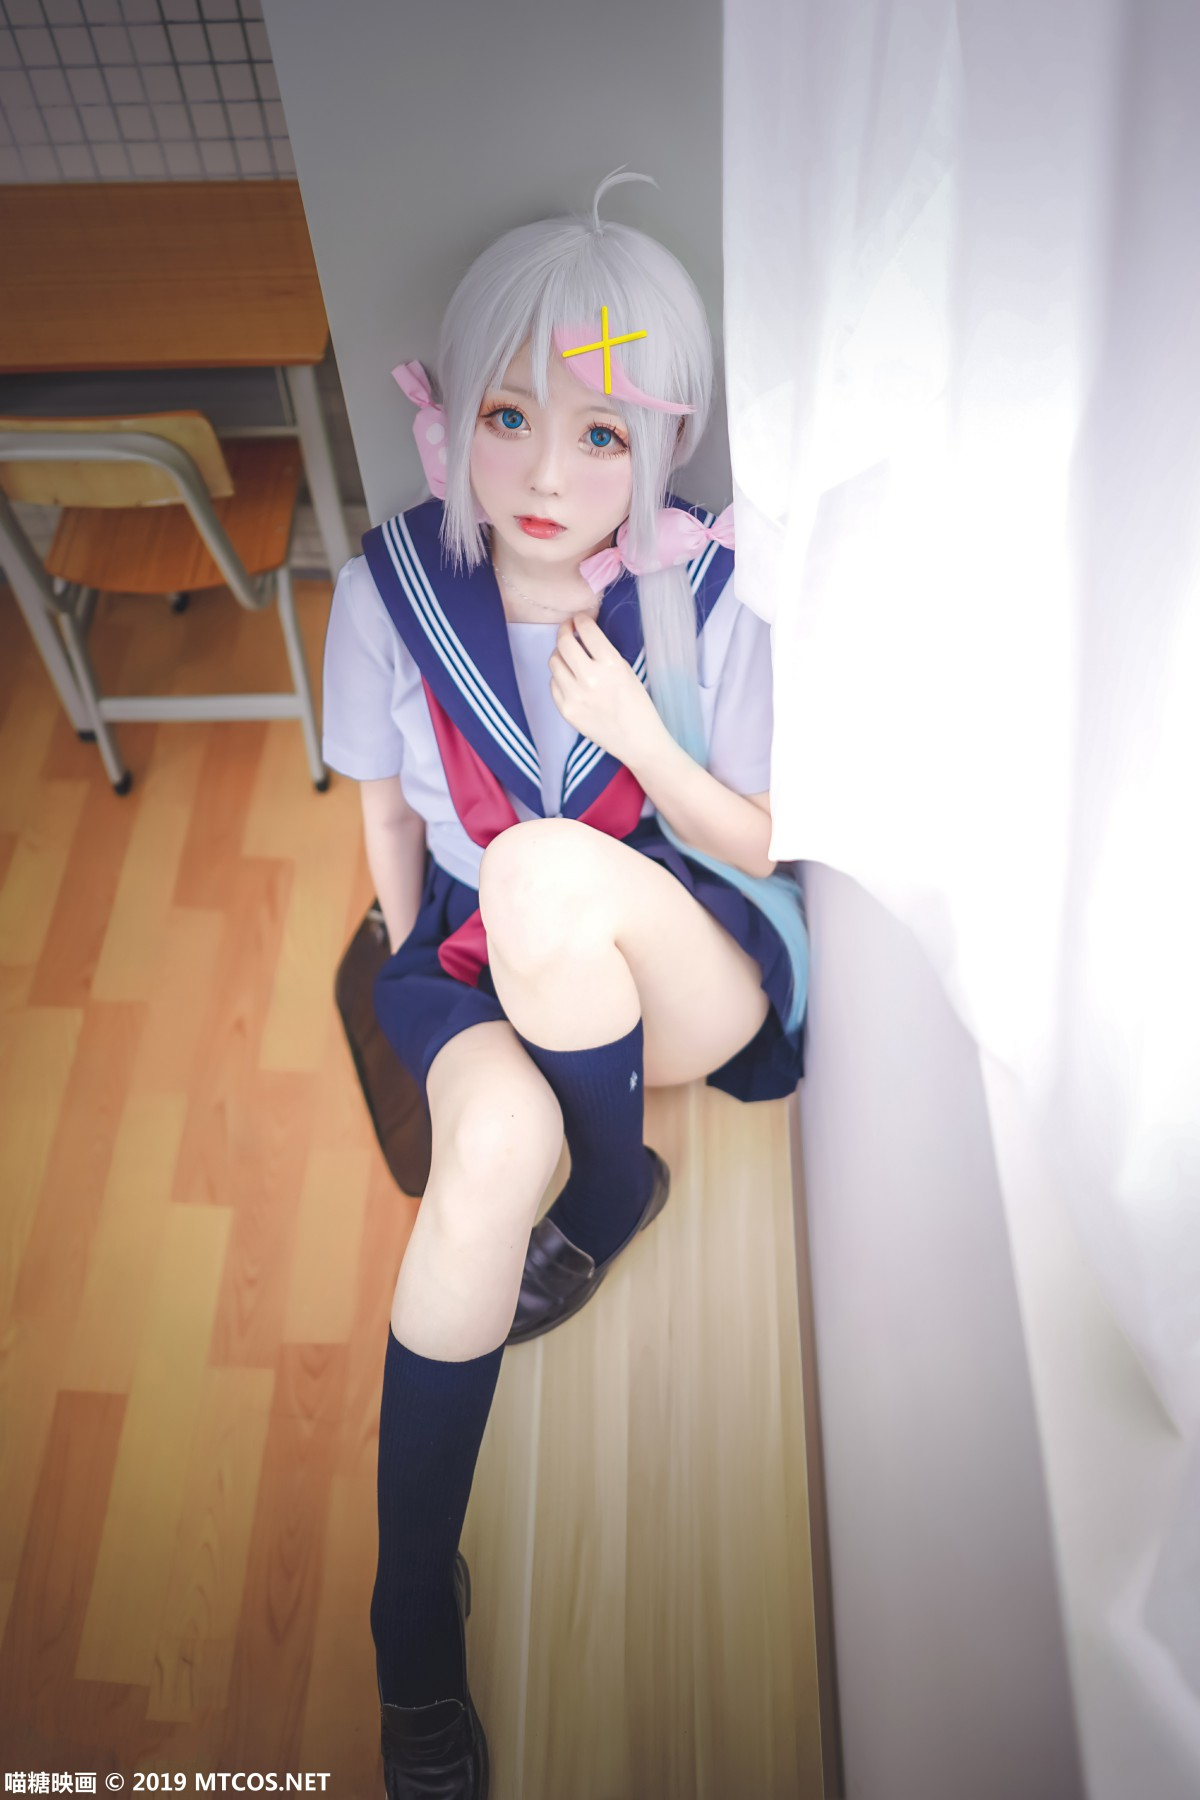 [喵糖映画]VOL.058 嶋葵 甜心小萝莉-第3张图片-福利社